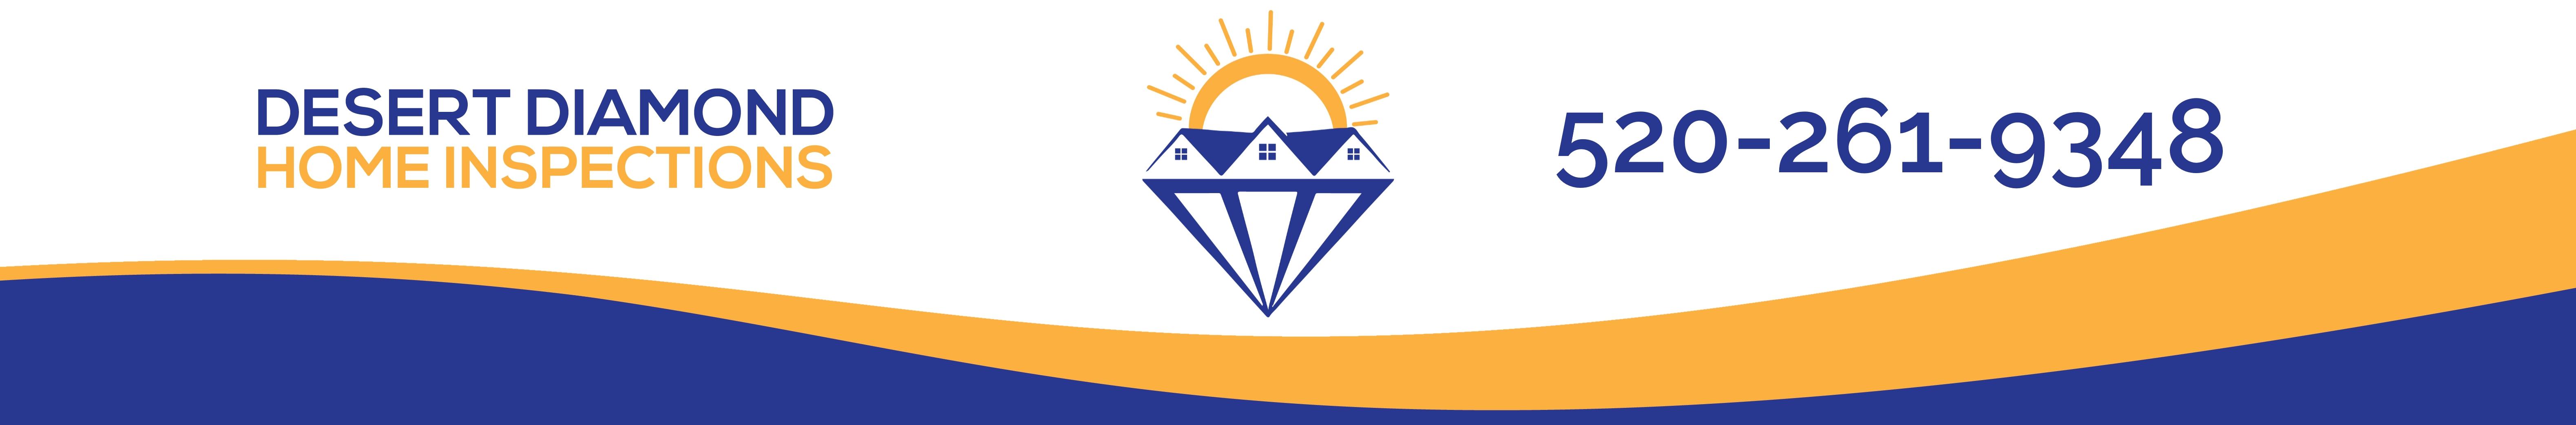 Desert Diamond Home Inspections